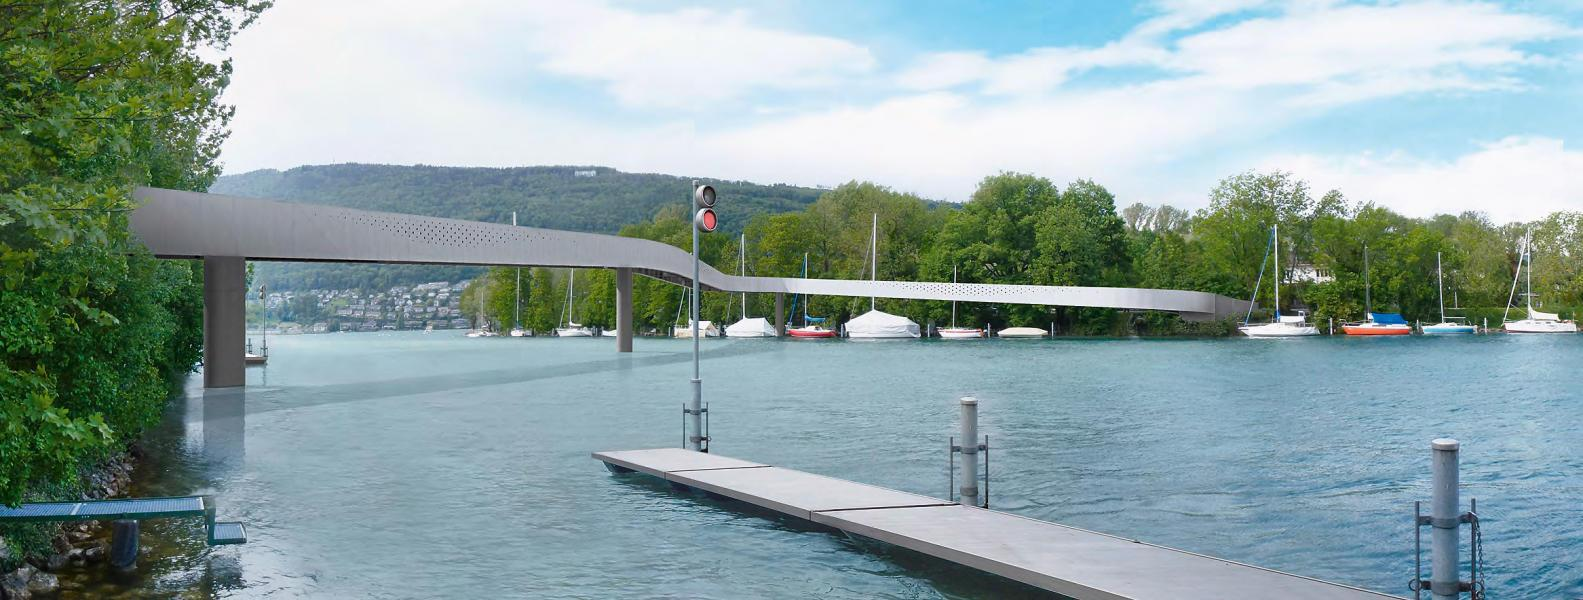 Siegerprojekt «Curva»: Die ungewöhnliche Form des 3.8m breiten Stegs entsteht aus den Anschlüsse an die Umgebung, der maximalen Rampensteigung und der Durchfahrtshöhe für Kursschiffe – für Se